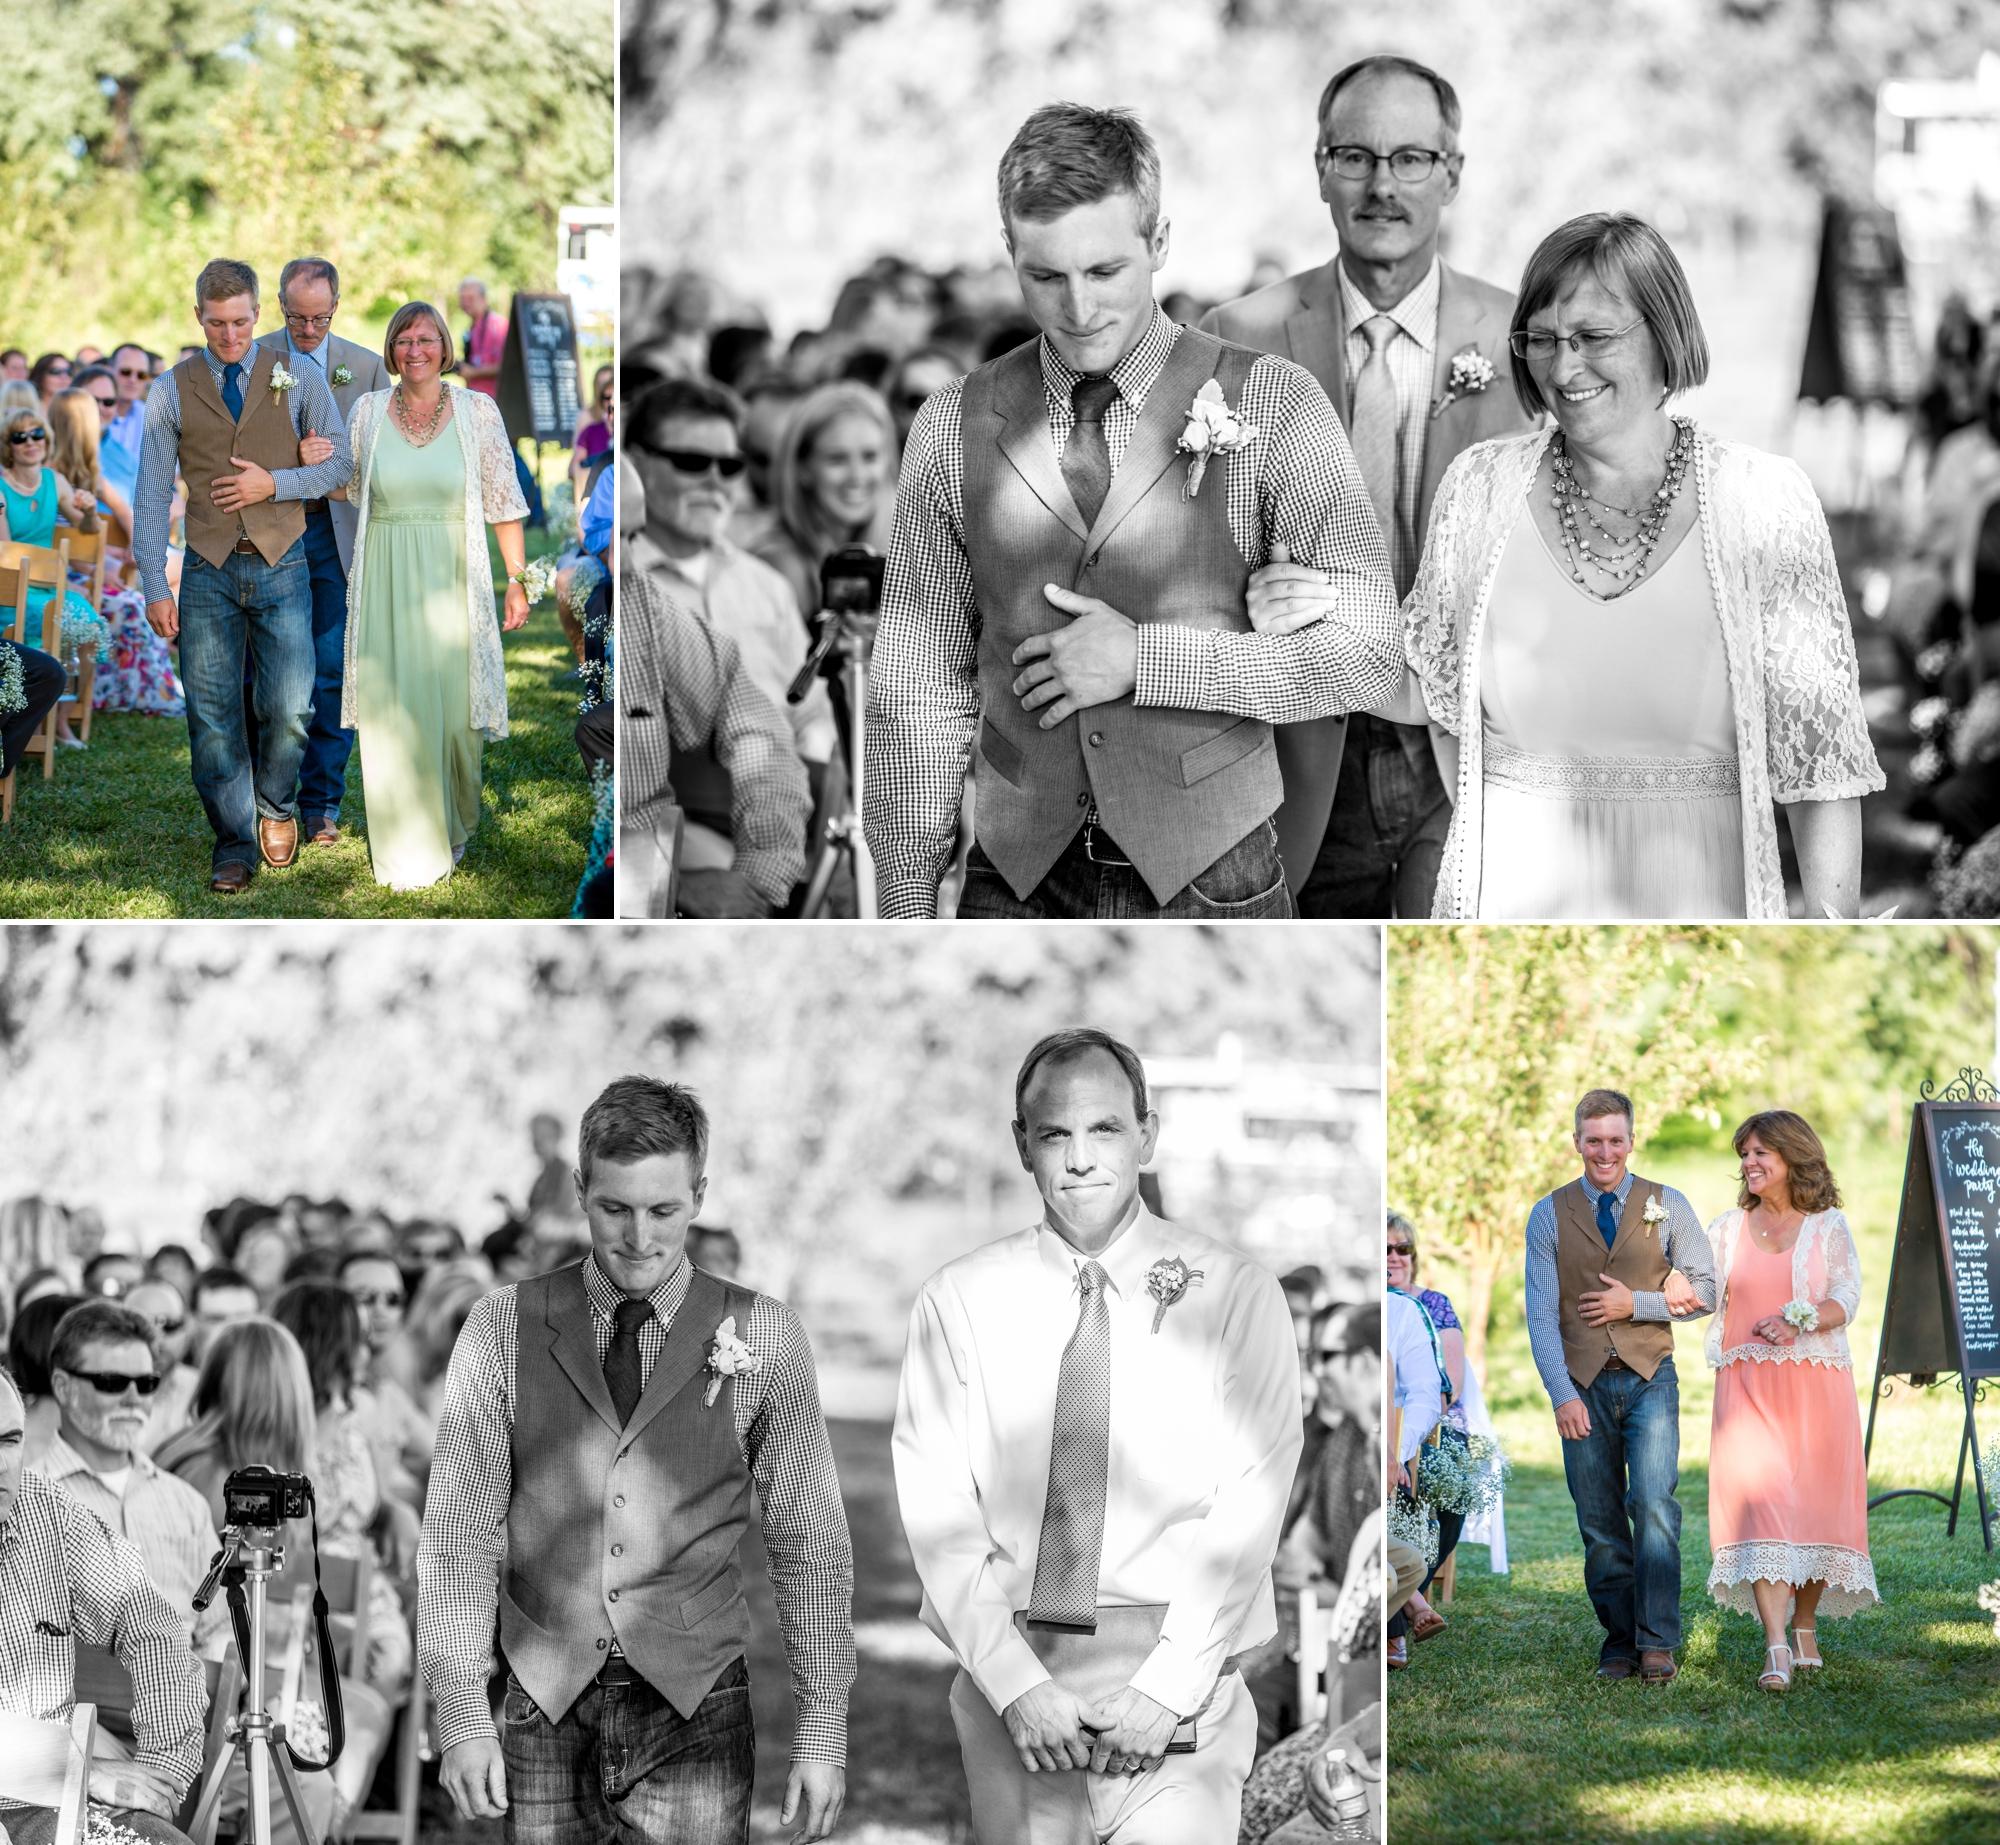 Ya Ya Farm & Orchard - Ceremony